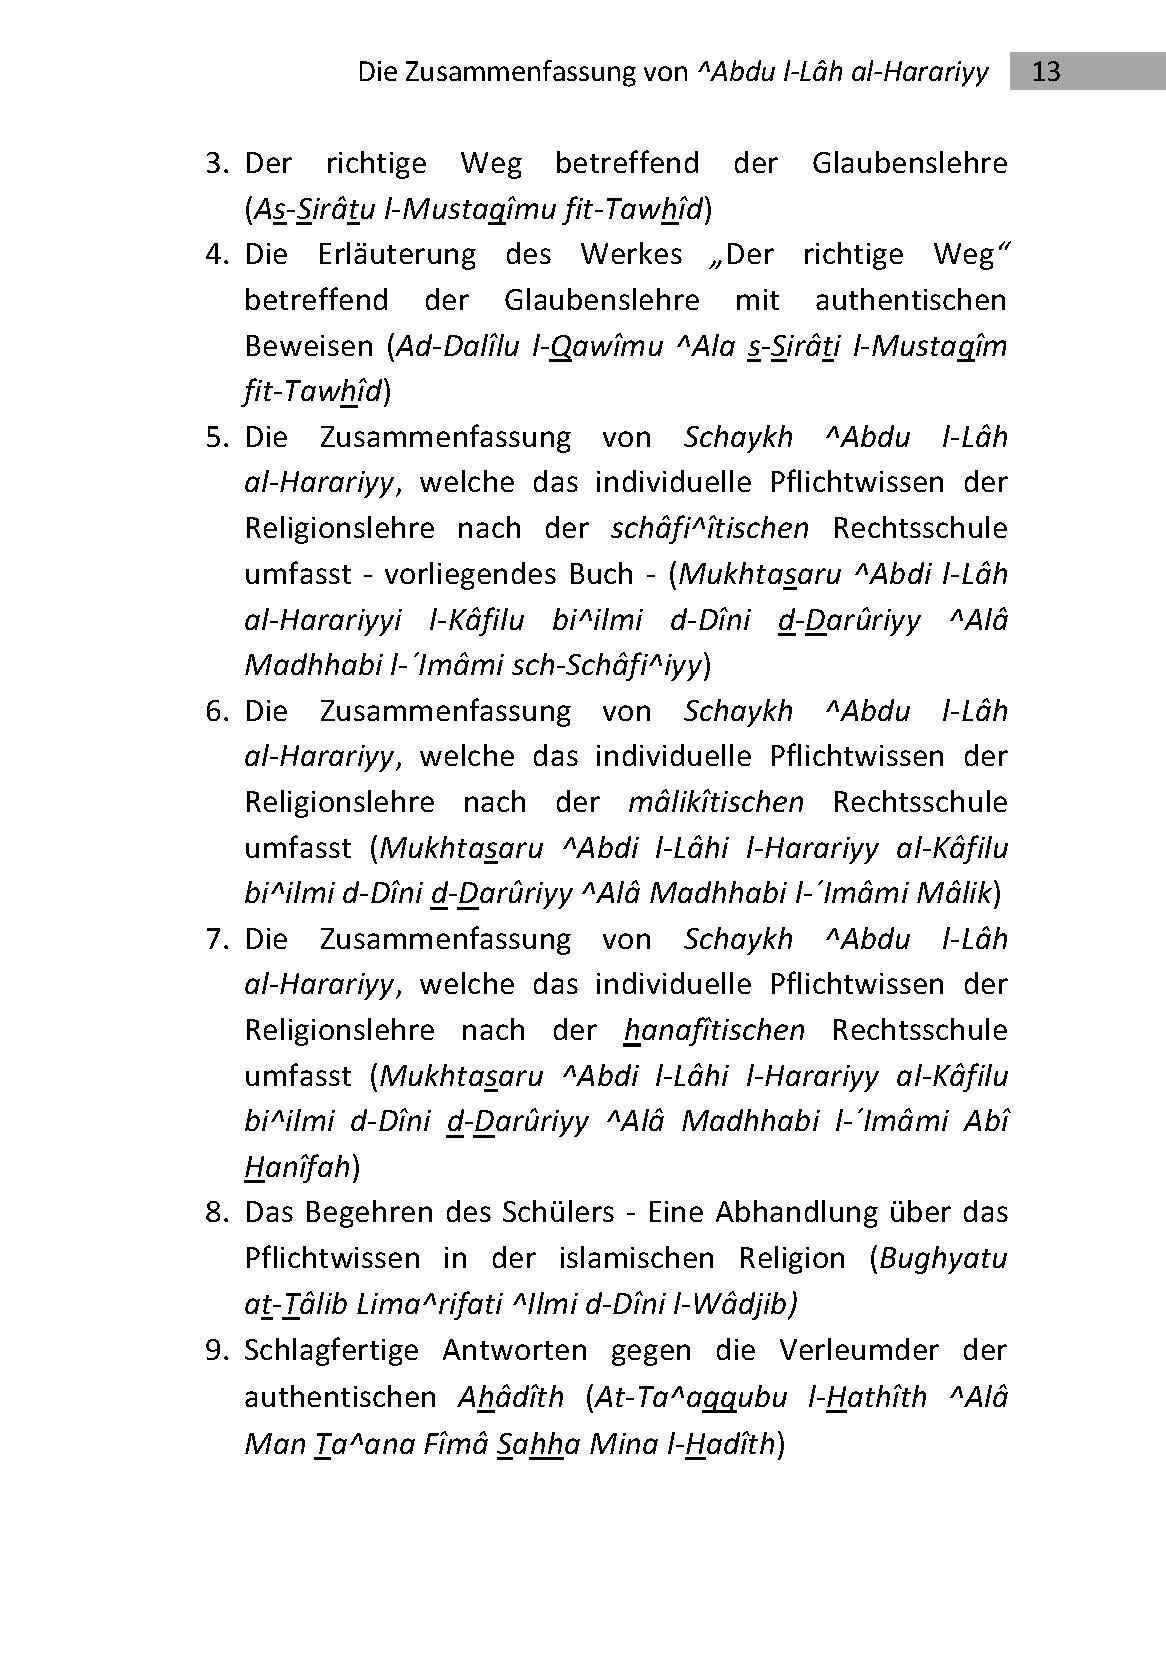 Die Zusammenfassung - 3. Auflage 2014_Seite_13